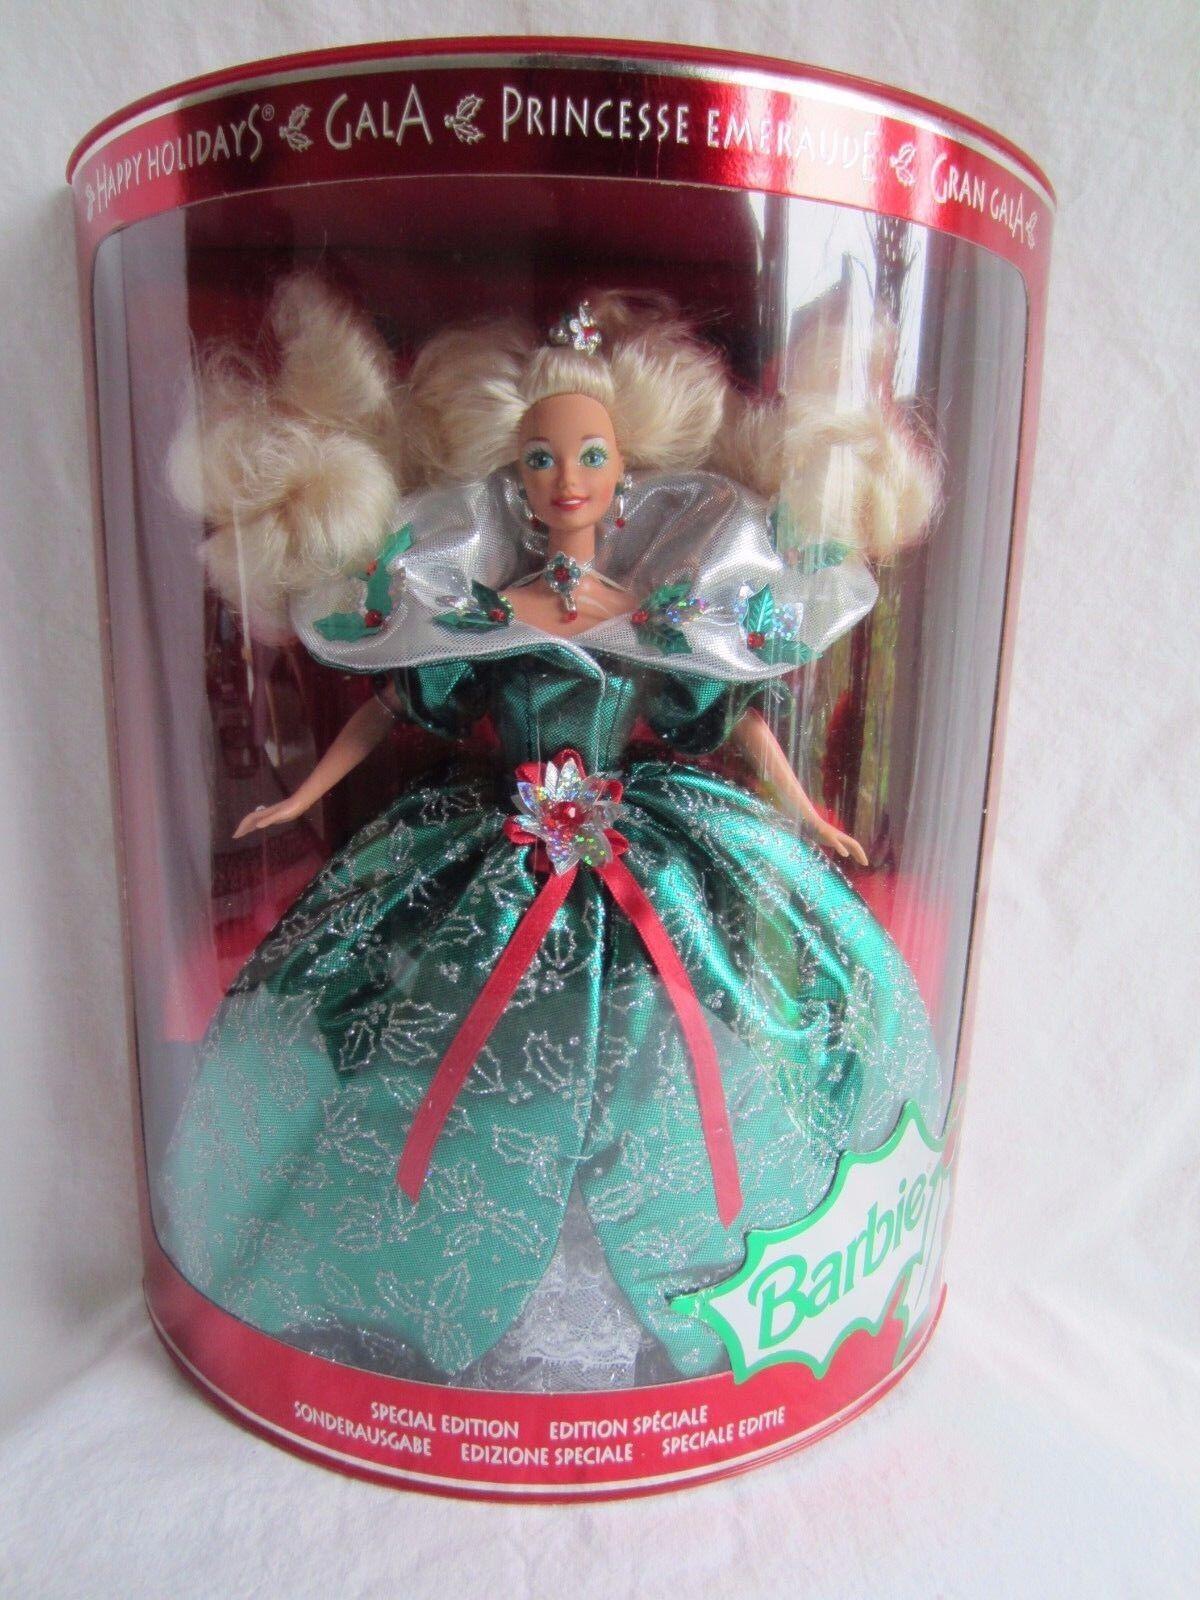 Happy Holidays Gala Special Edition Collector Barbie 1995 Emeraude